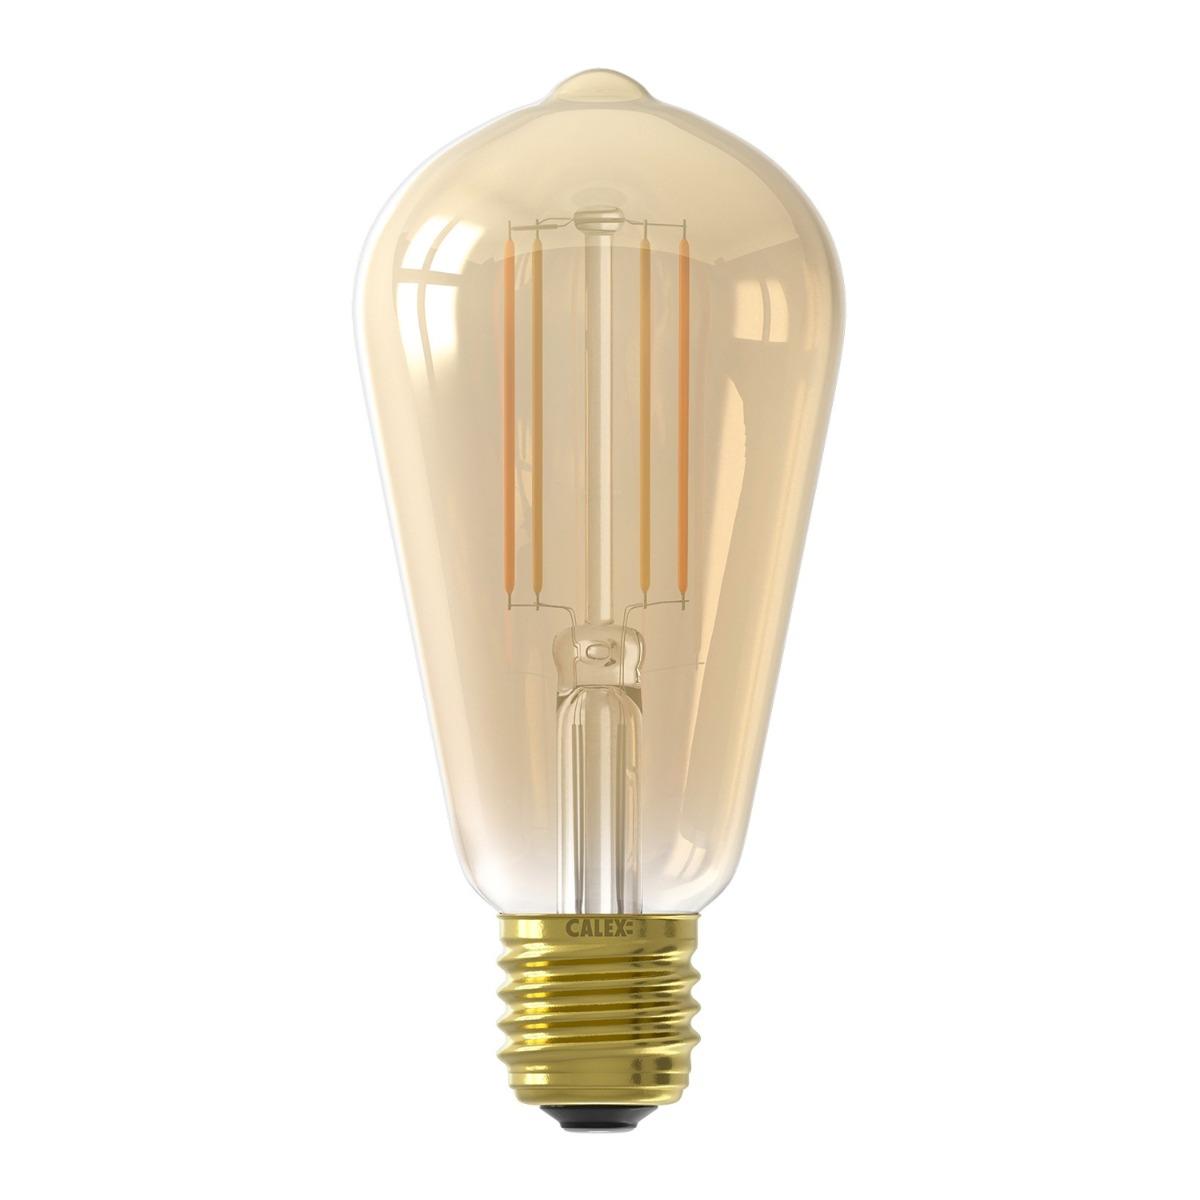 Bilde av Calex Smart Rustikk Filament Led Pære Gull E27 7w 806lm 1800-3000k| Tuya Wifi - Innstillbar Hvit